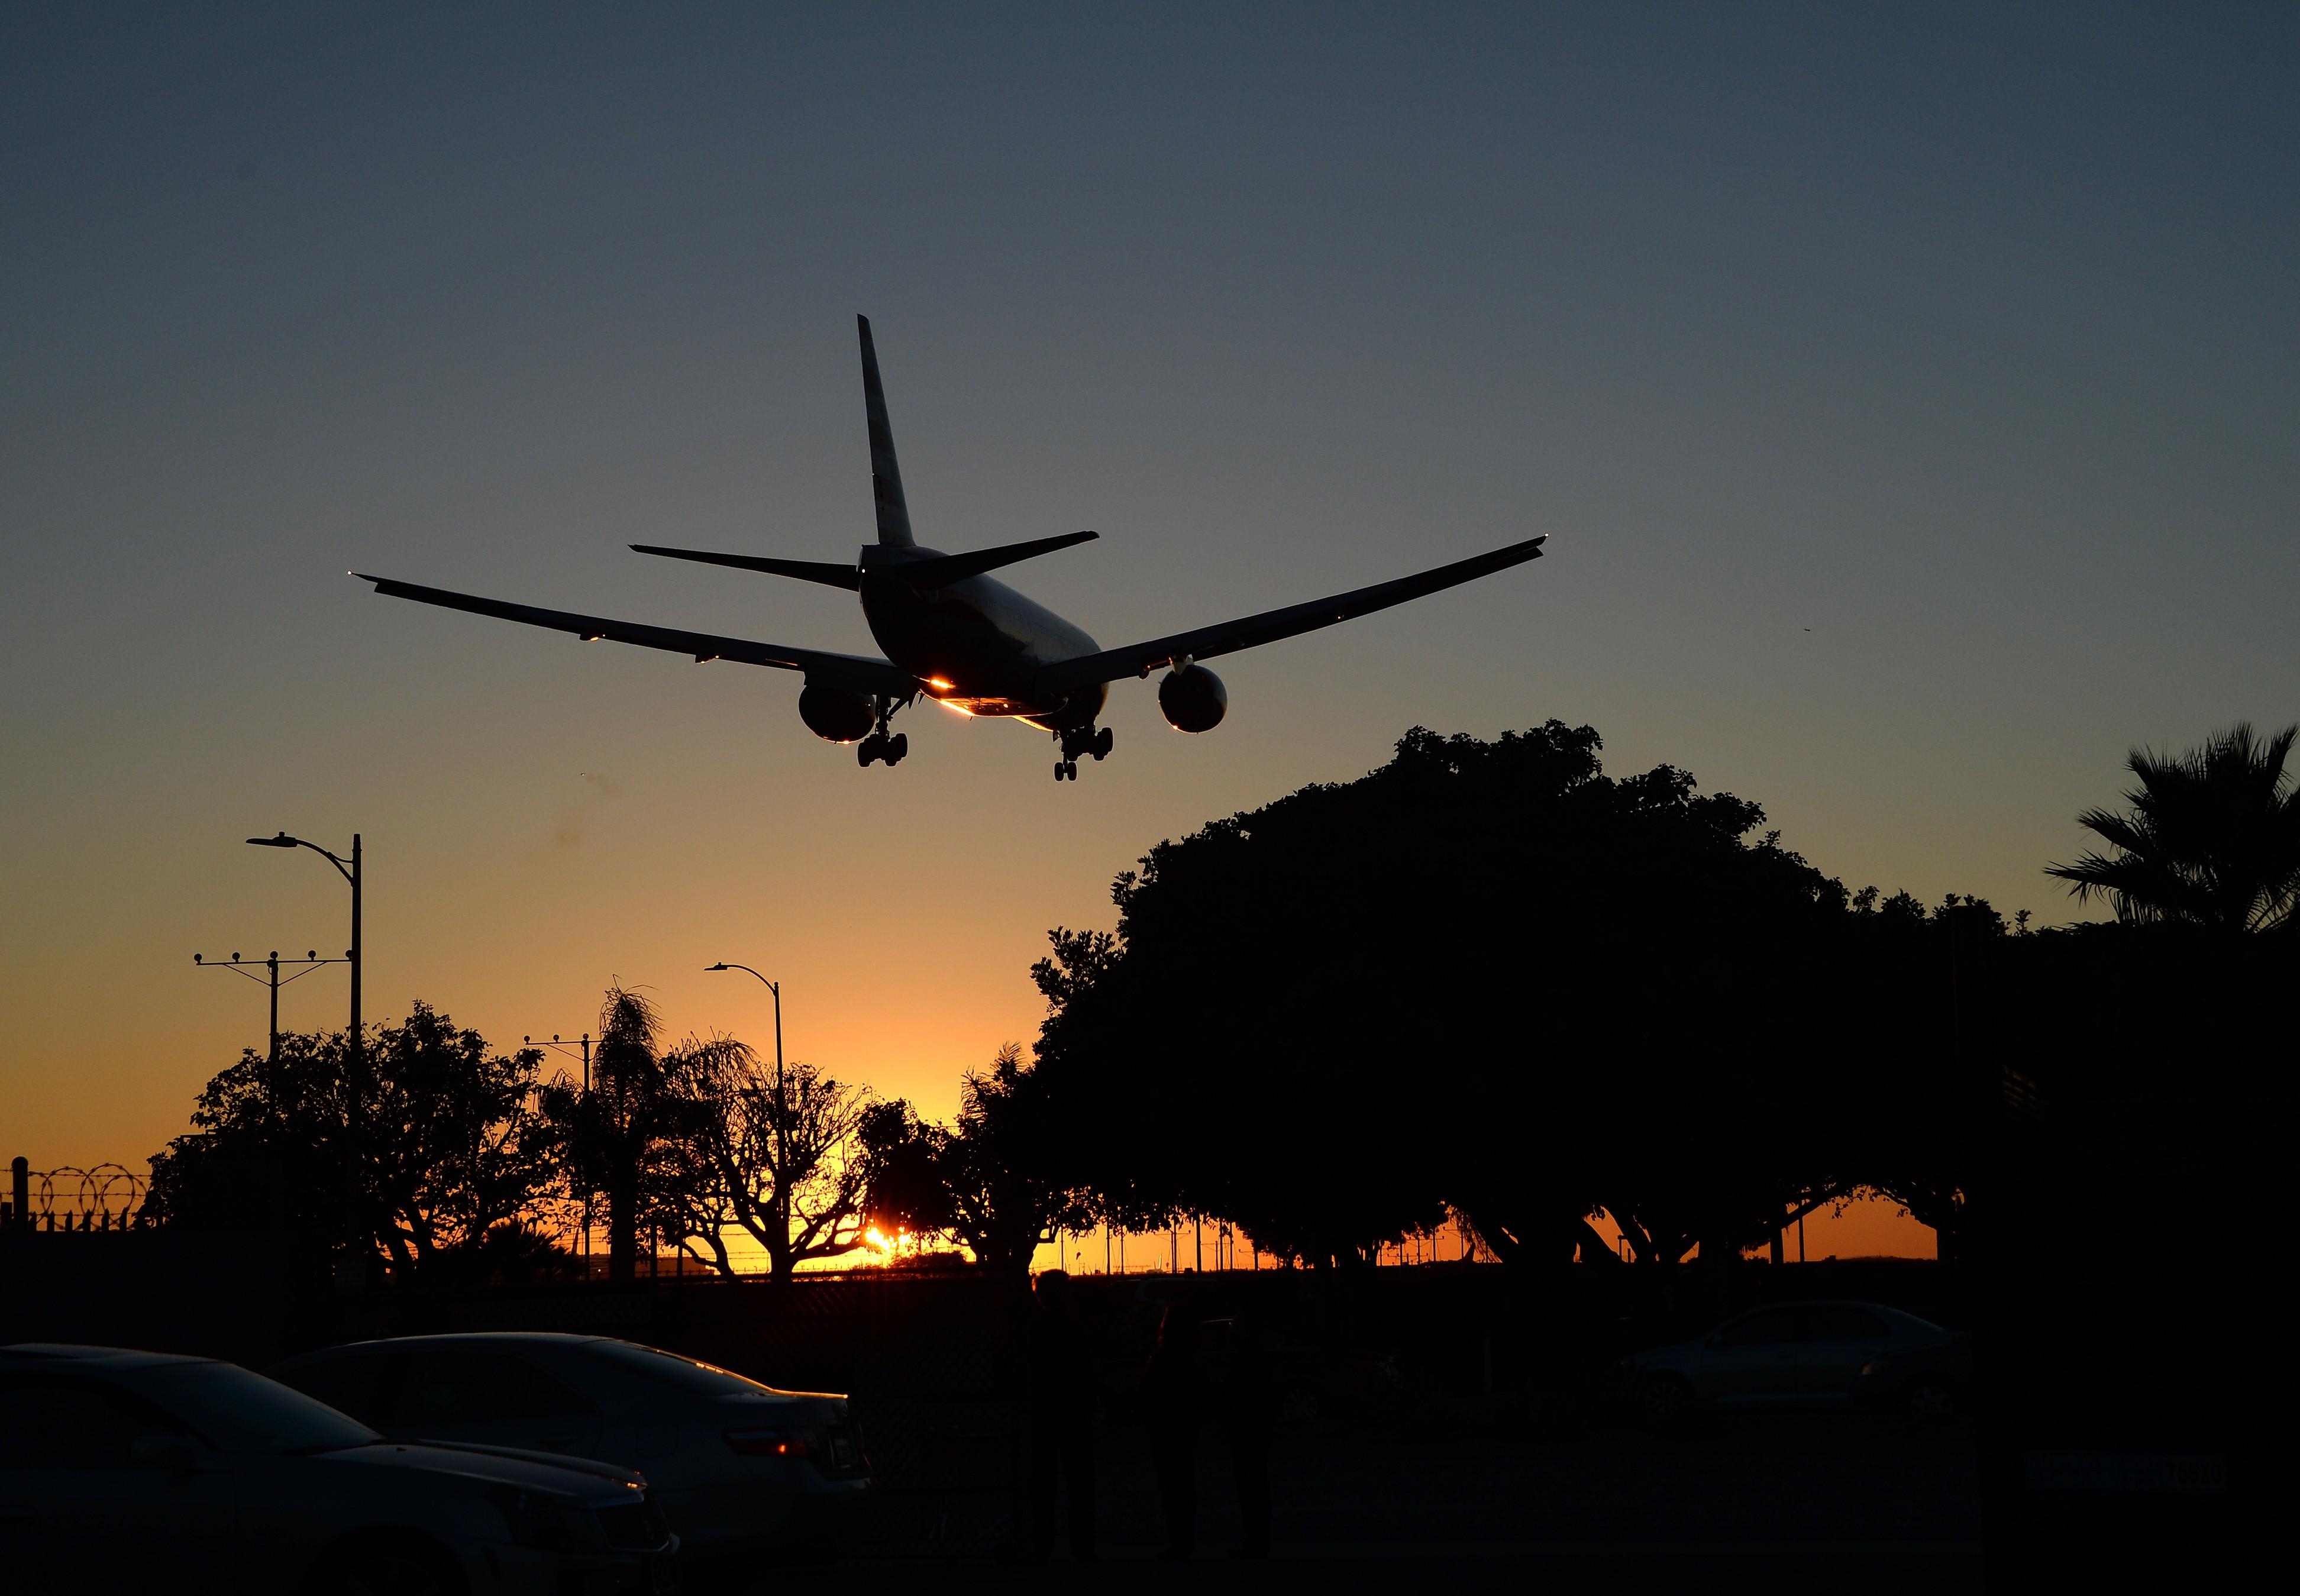 володина фото самолетов в ночном небе обязательно